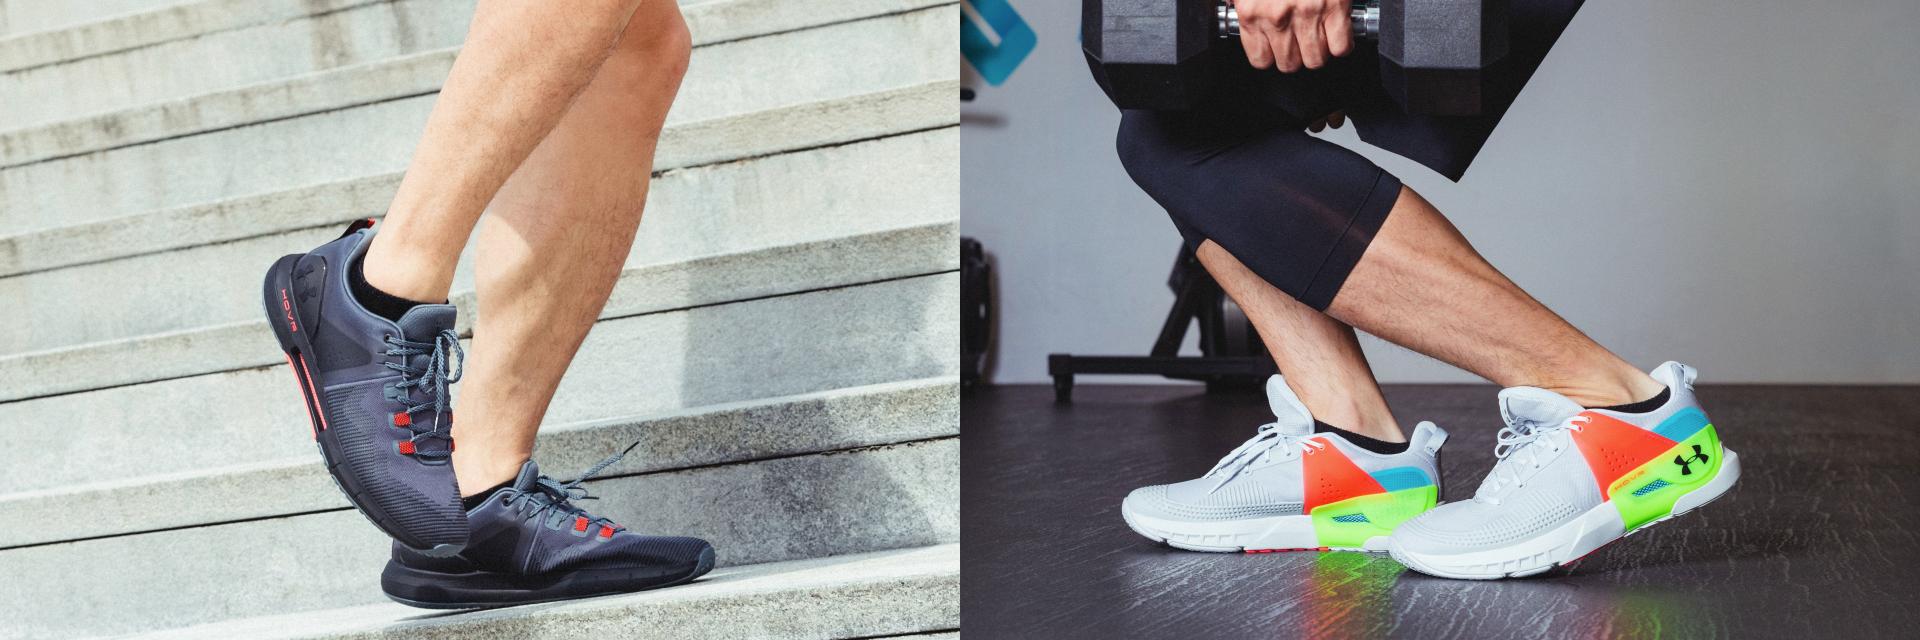 夏日健身靠這一定妥!最佳裝備 UA HOVR APEX & HOVR RISE  訓練鞋升級版有多強?編輯實測給你看!